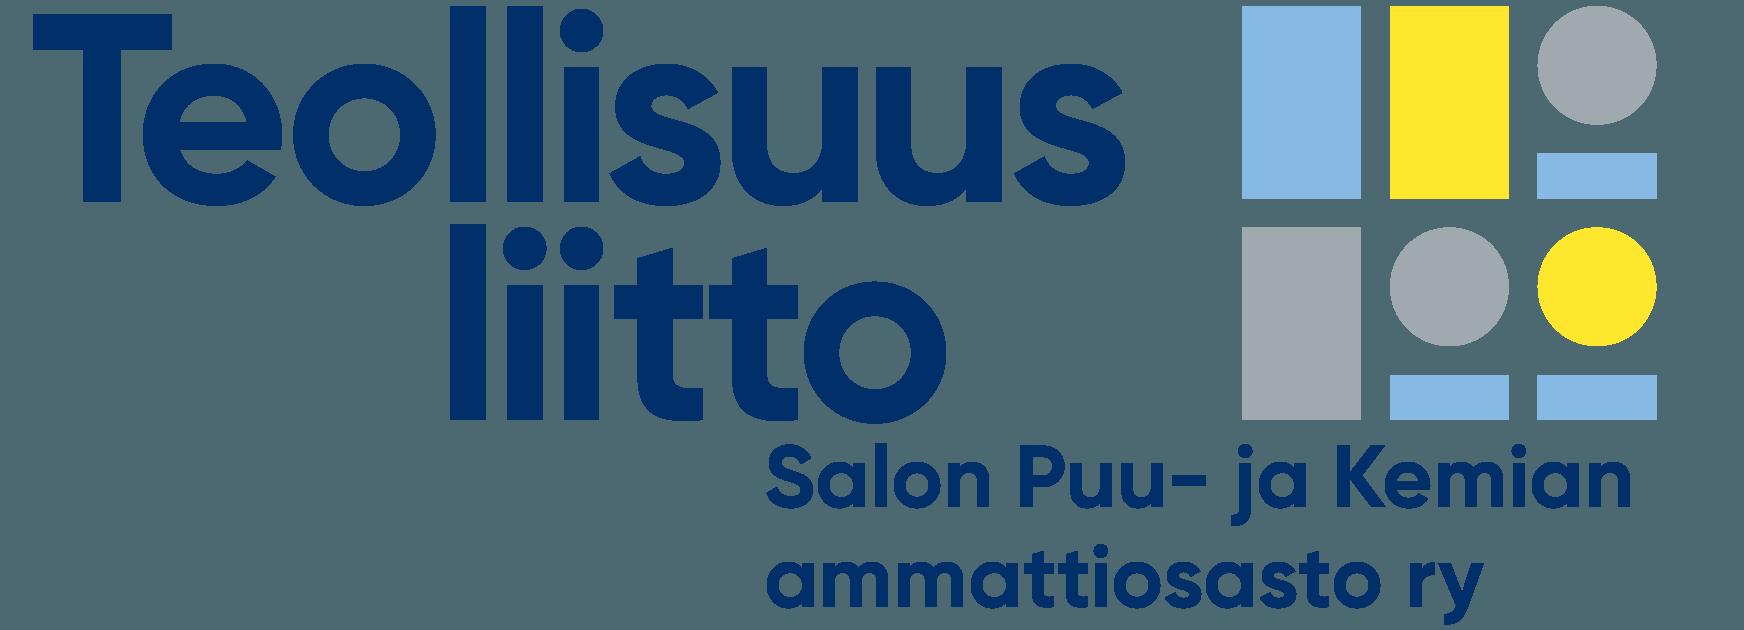 Salon Puu- ja Kemian ammattiosasto